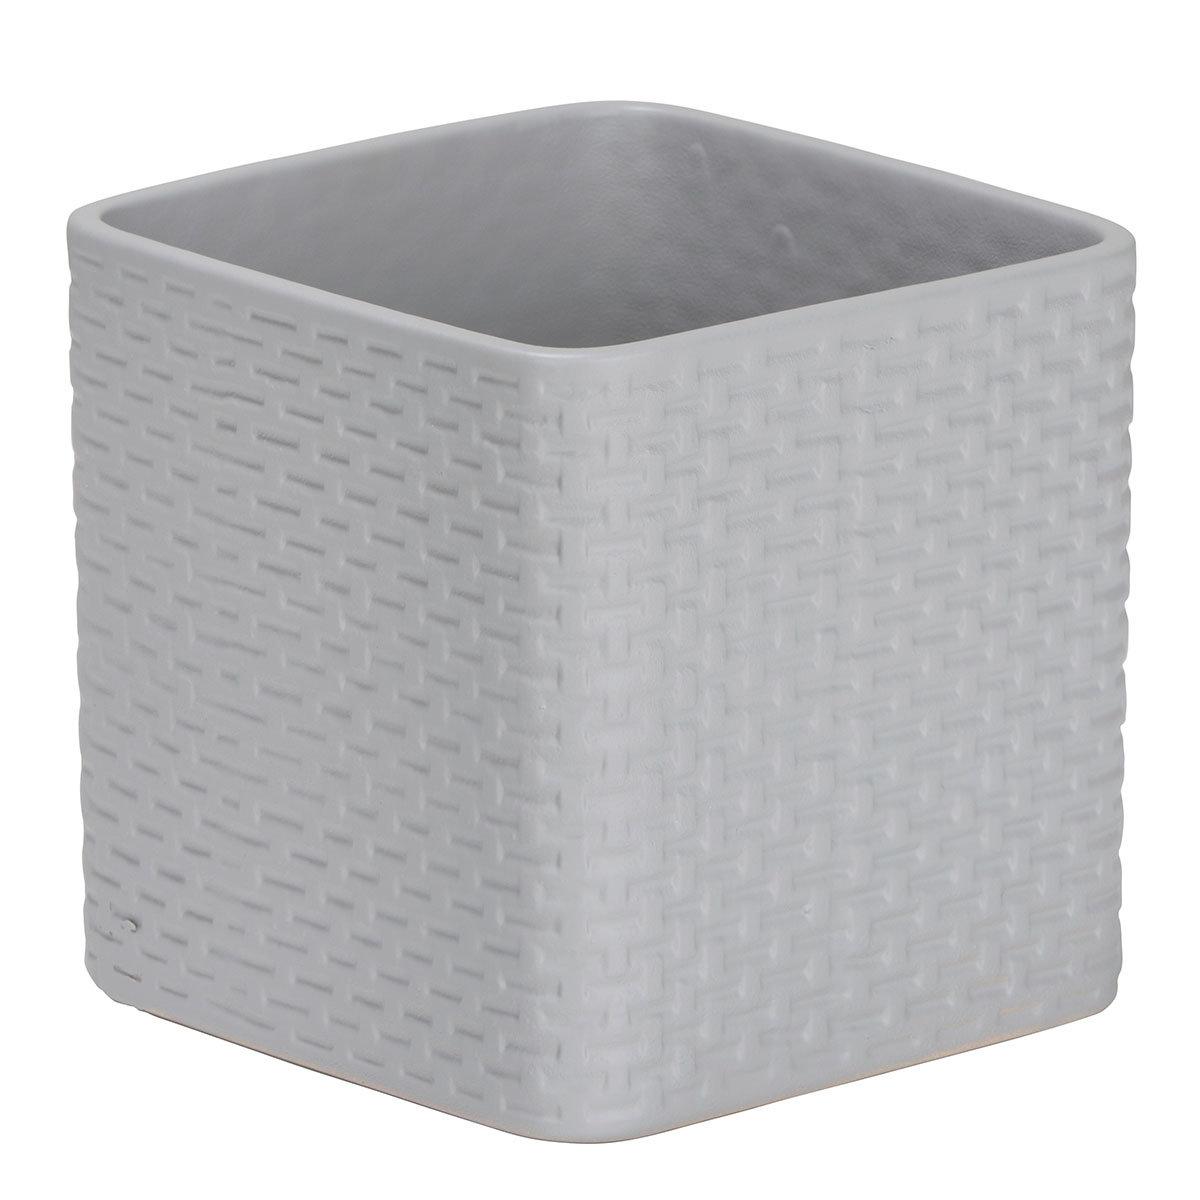 Scheurich Keramik-Übertopf Light Grey, rechteckig 15 cm | #2